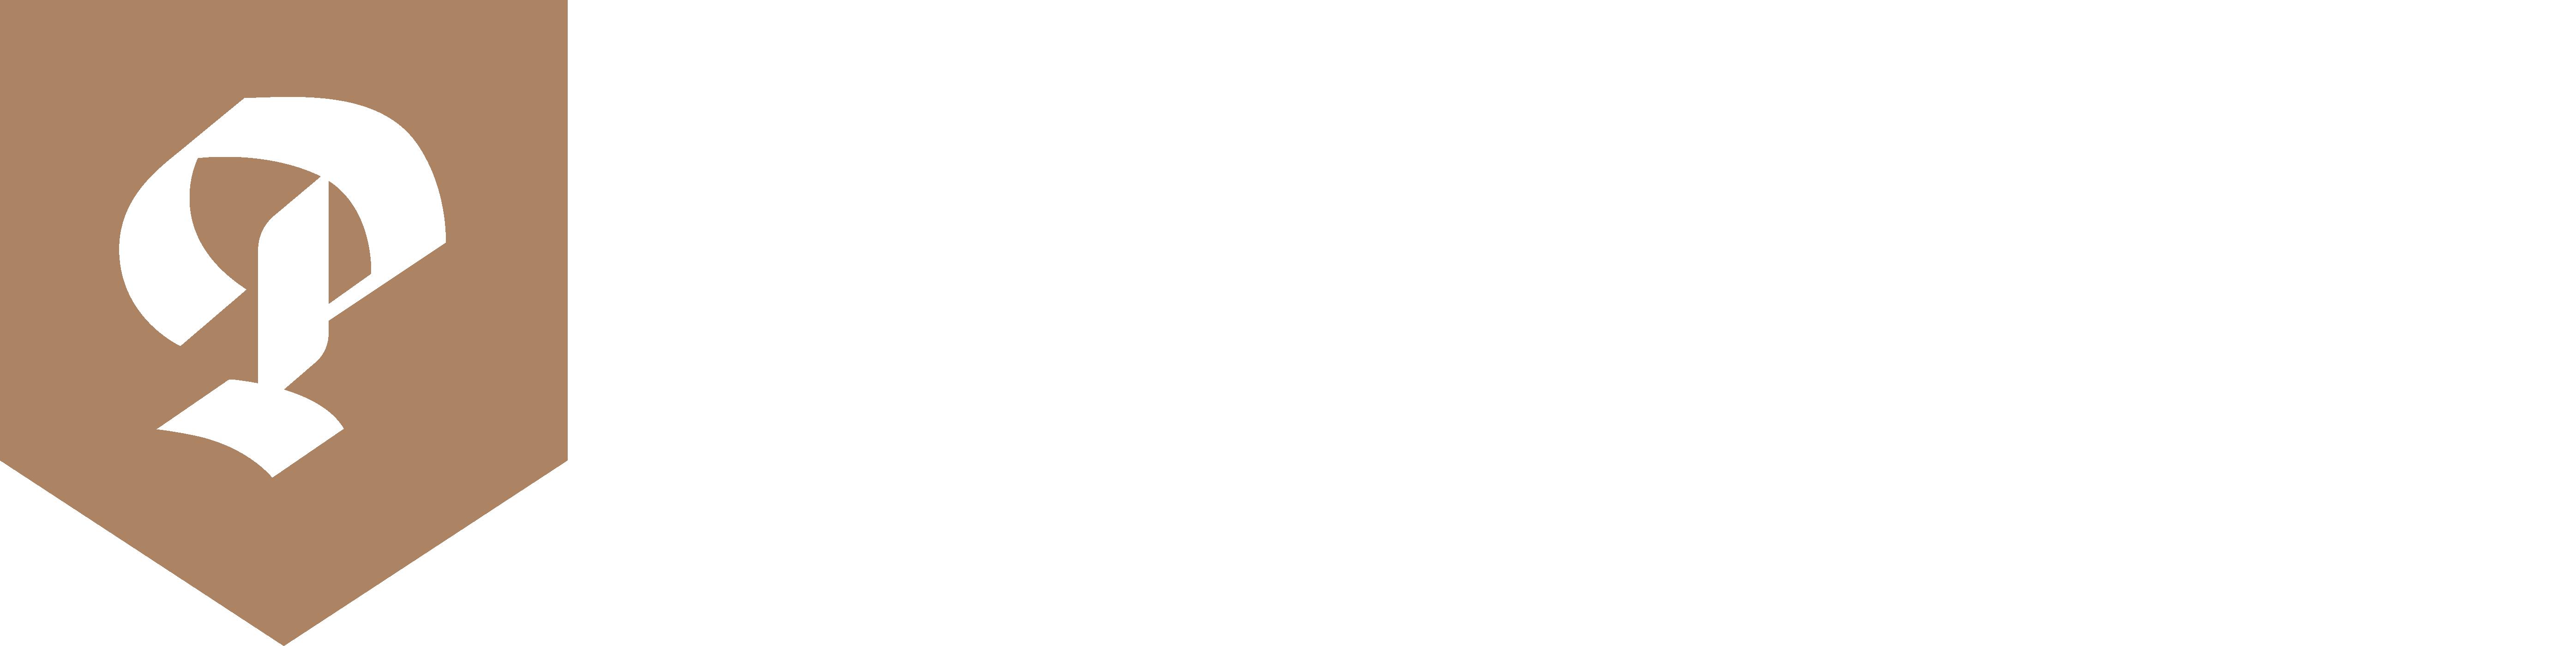 The Pactum